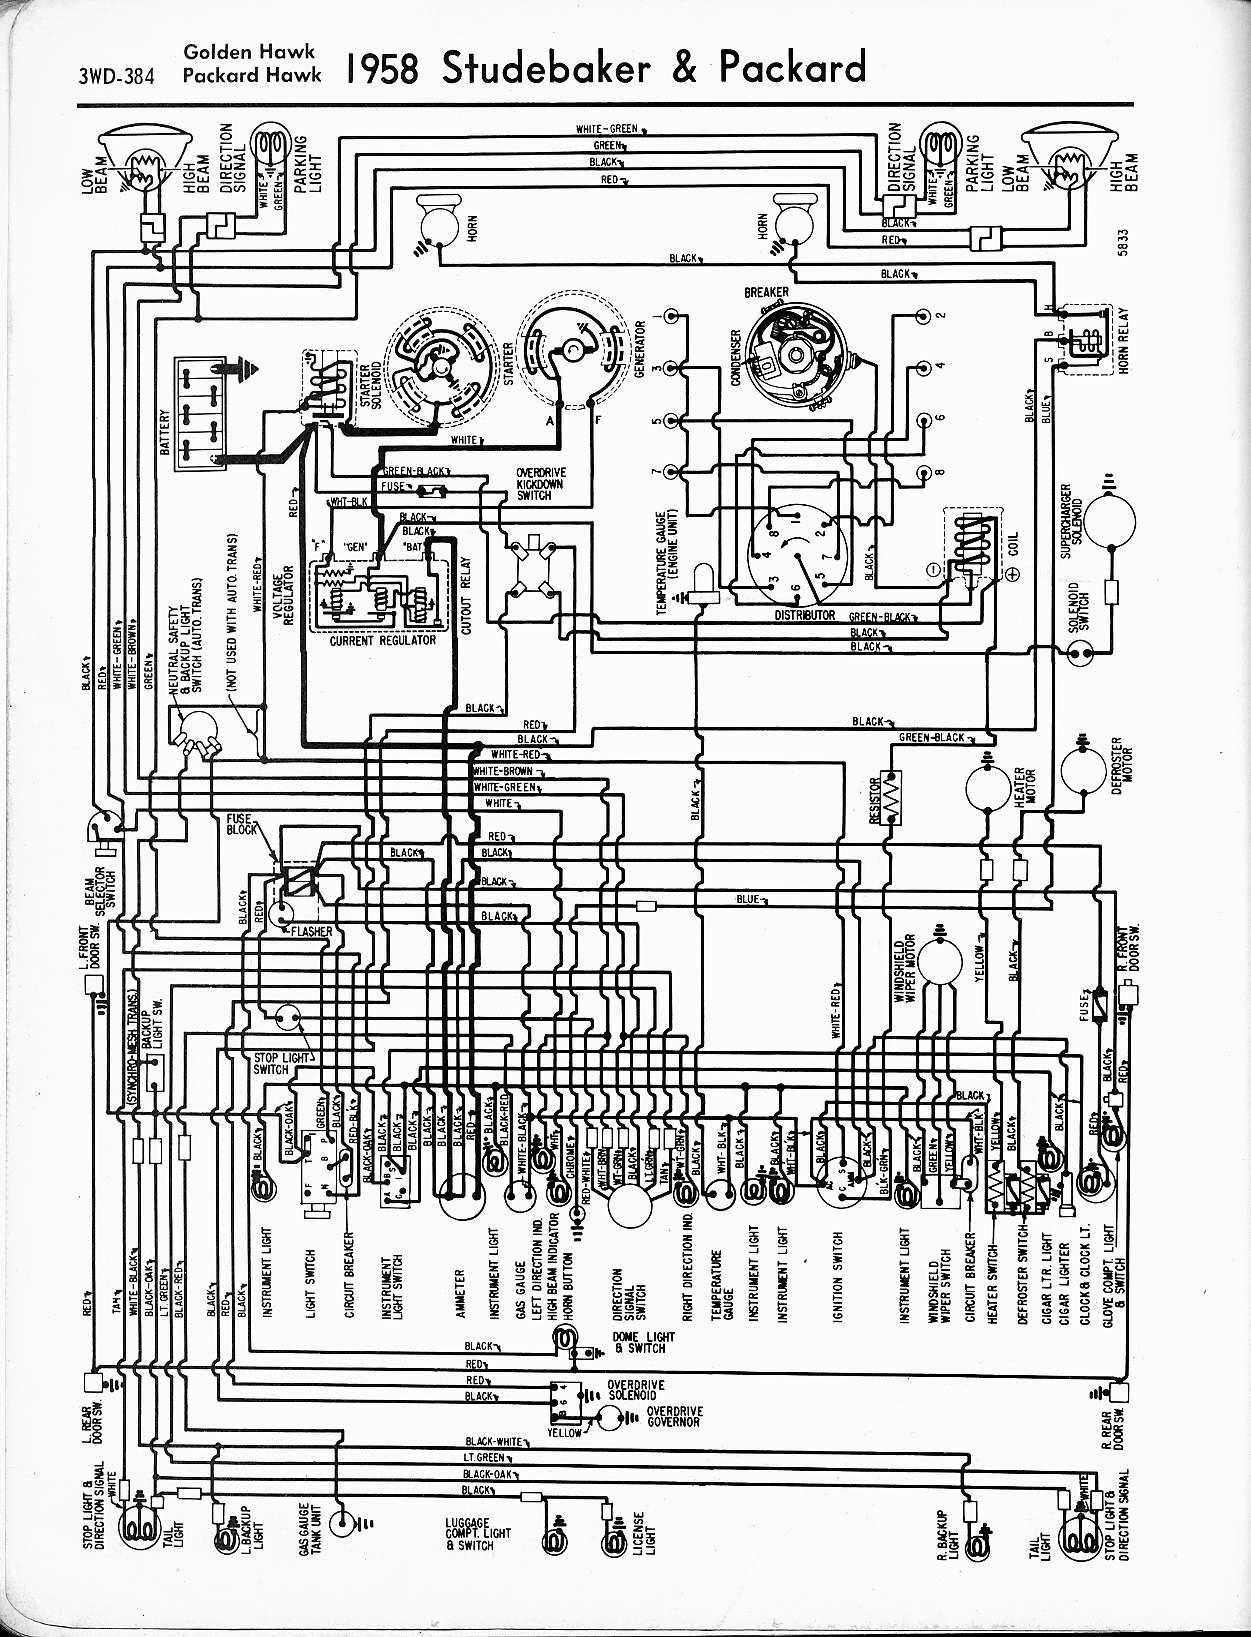 51 Studebaker Wiring Diagram - Wiring Diagram NetworksWiring Diagram Networks - blogger